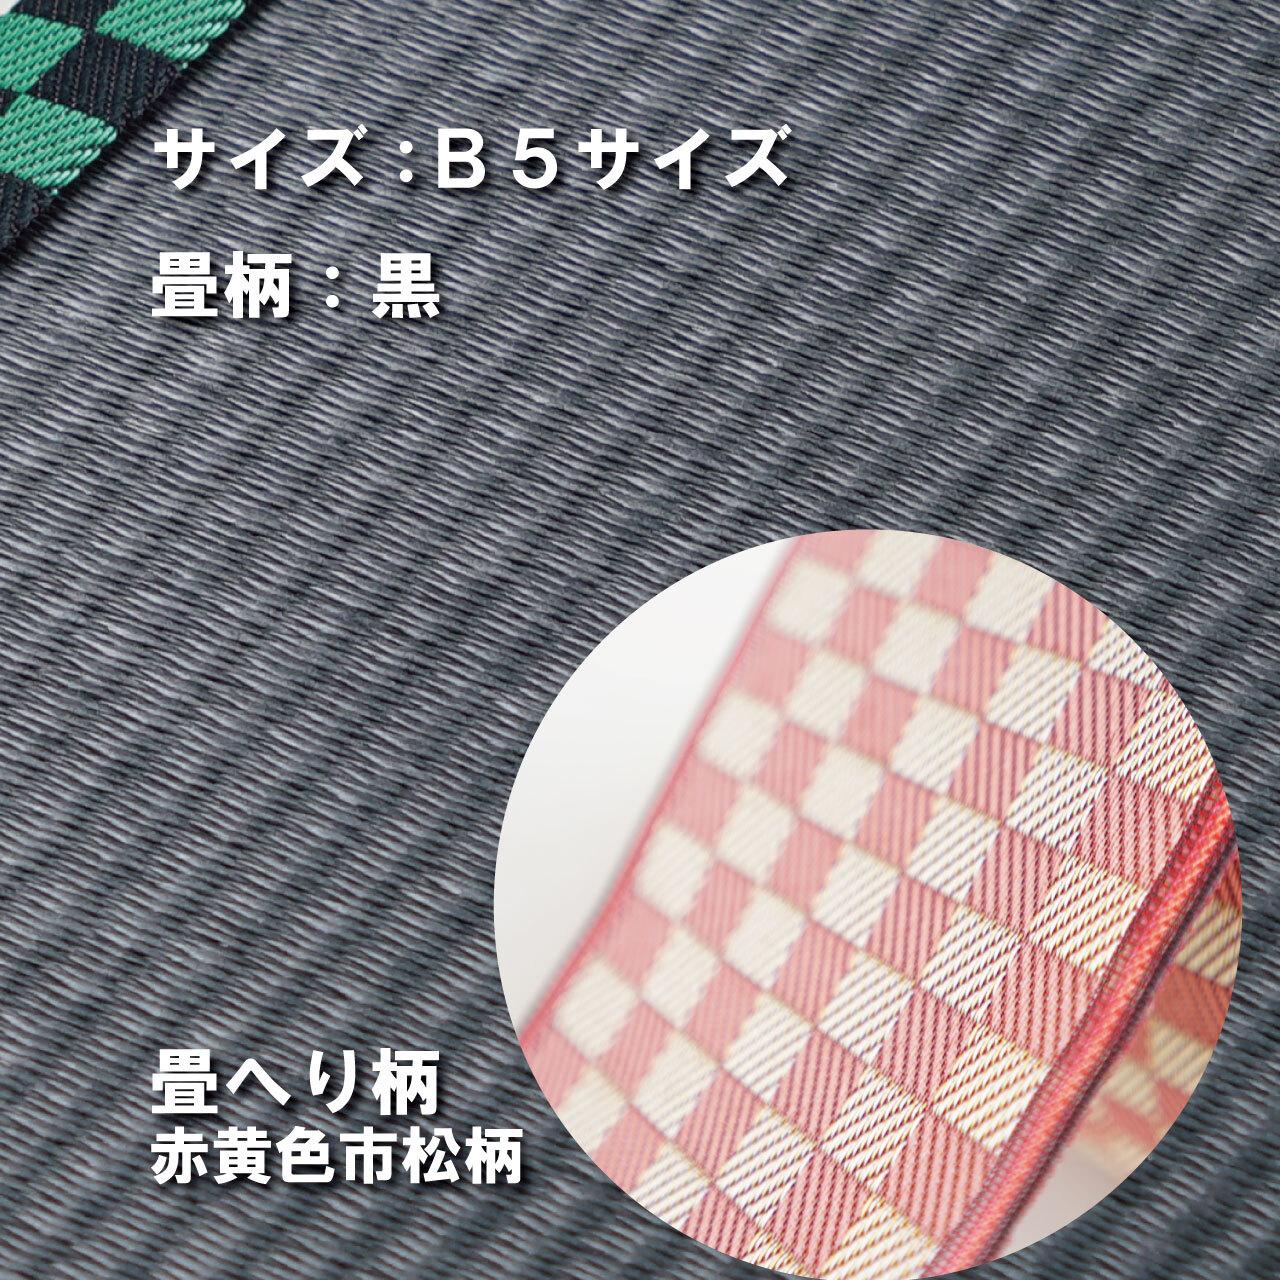 ミニ畳台 フィギア台や小物置きに♪ B5サイズ 畳:黒 縁の柄:赤黄色市松柄 B5B004